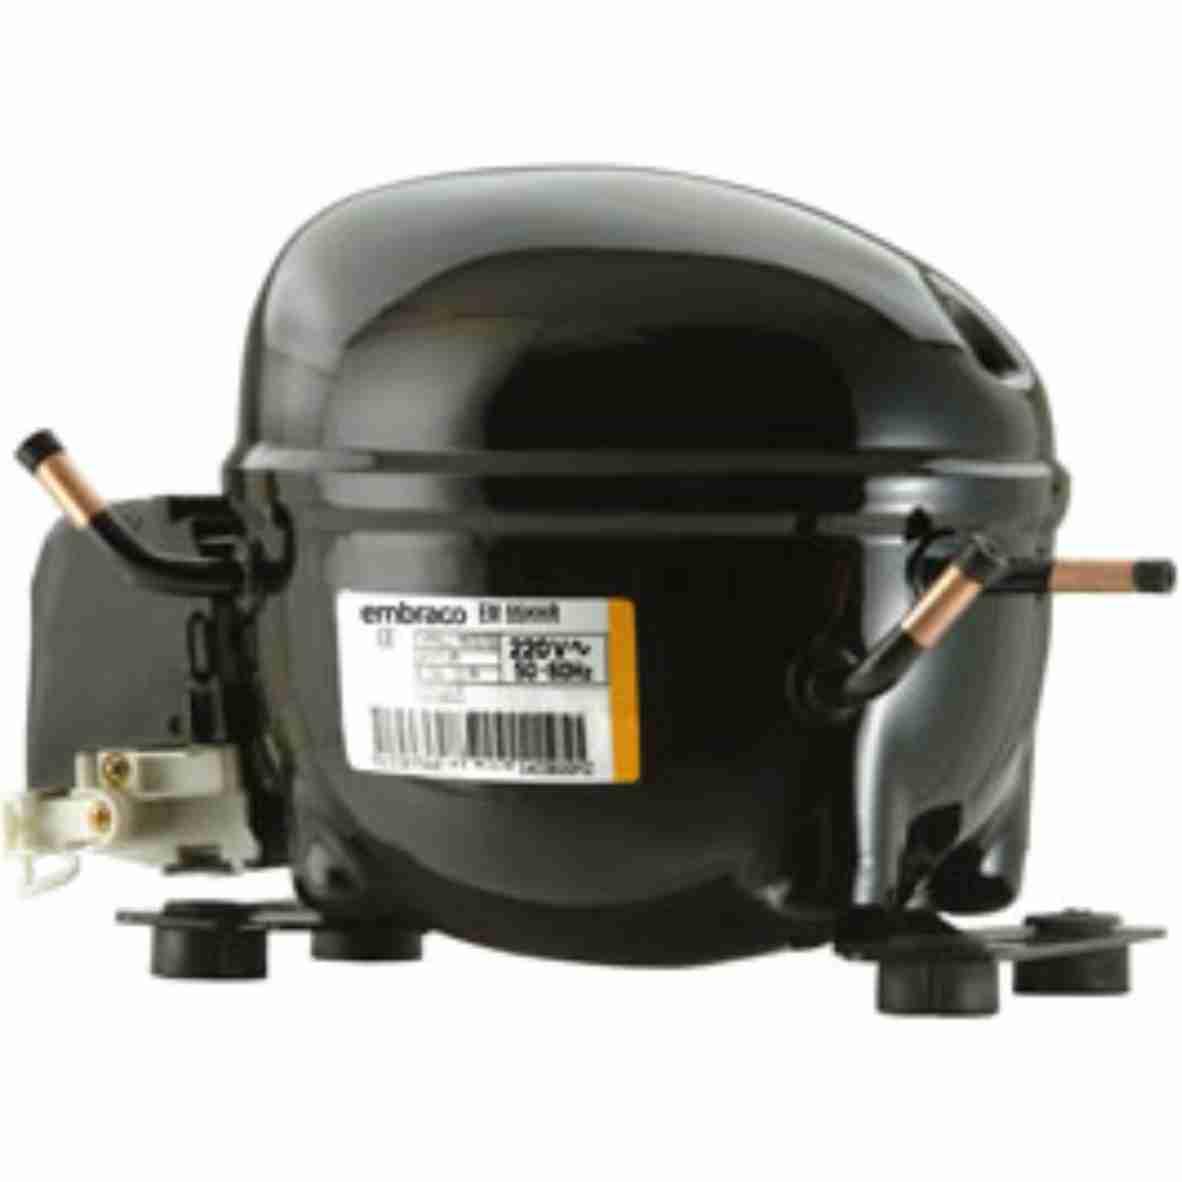 Compressor 1/8 110V 134 EMI 45HER Embraco